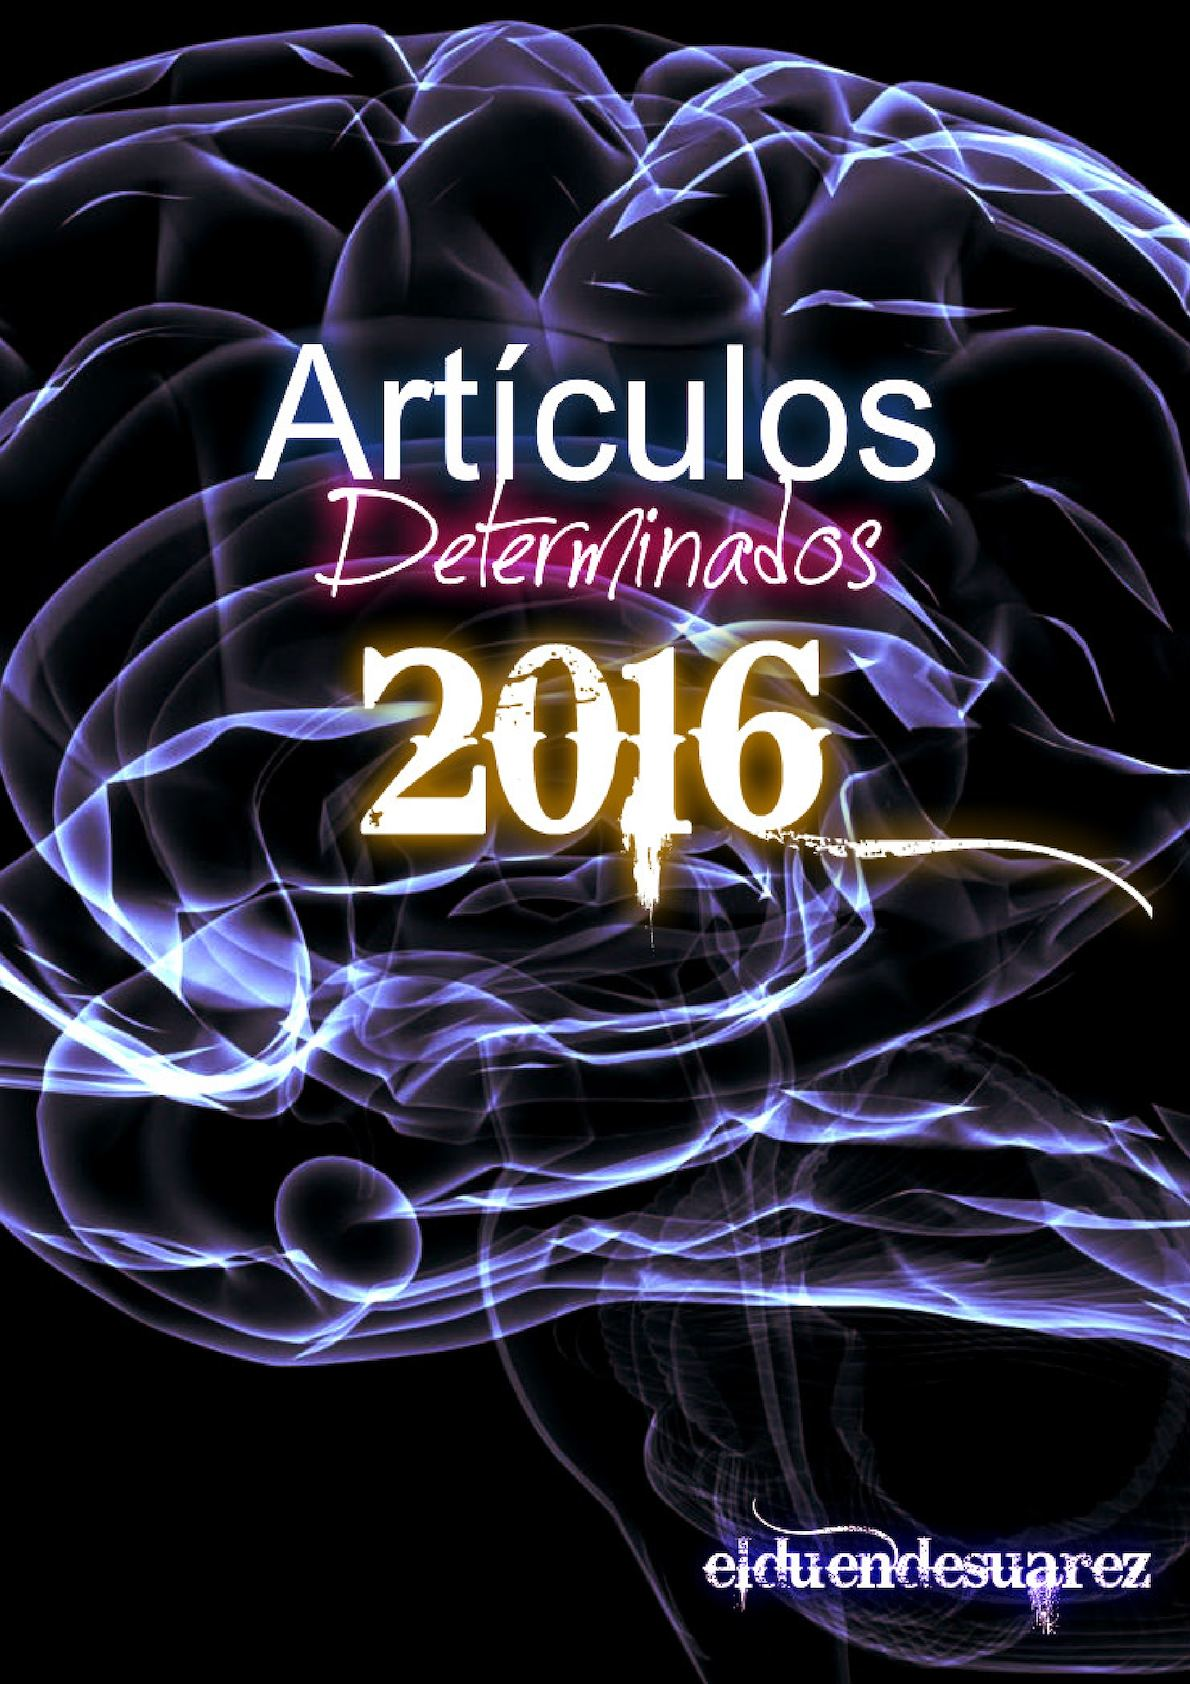 Calaméo - Artículos Detreminados 2016